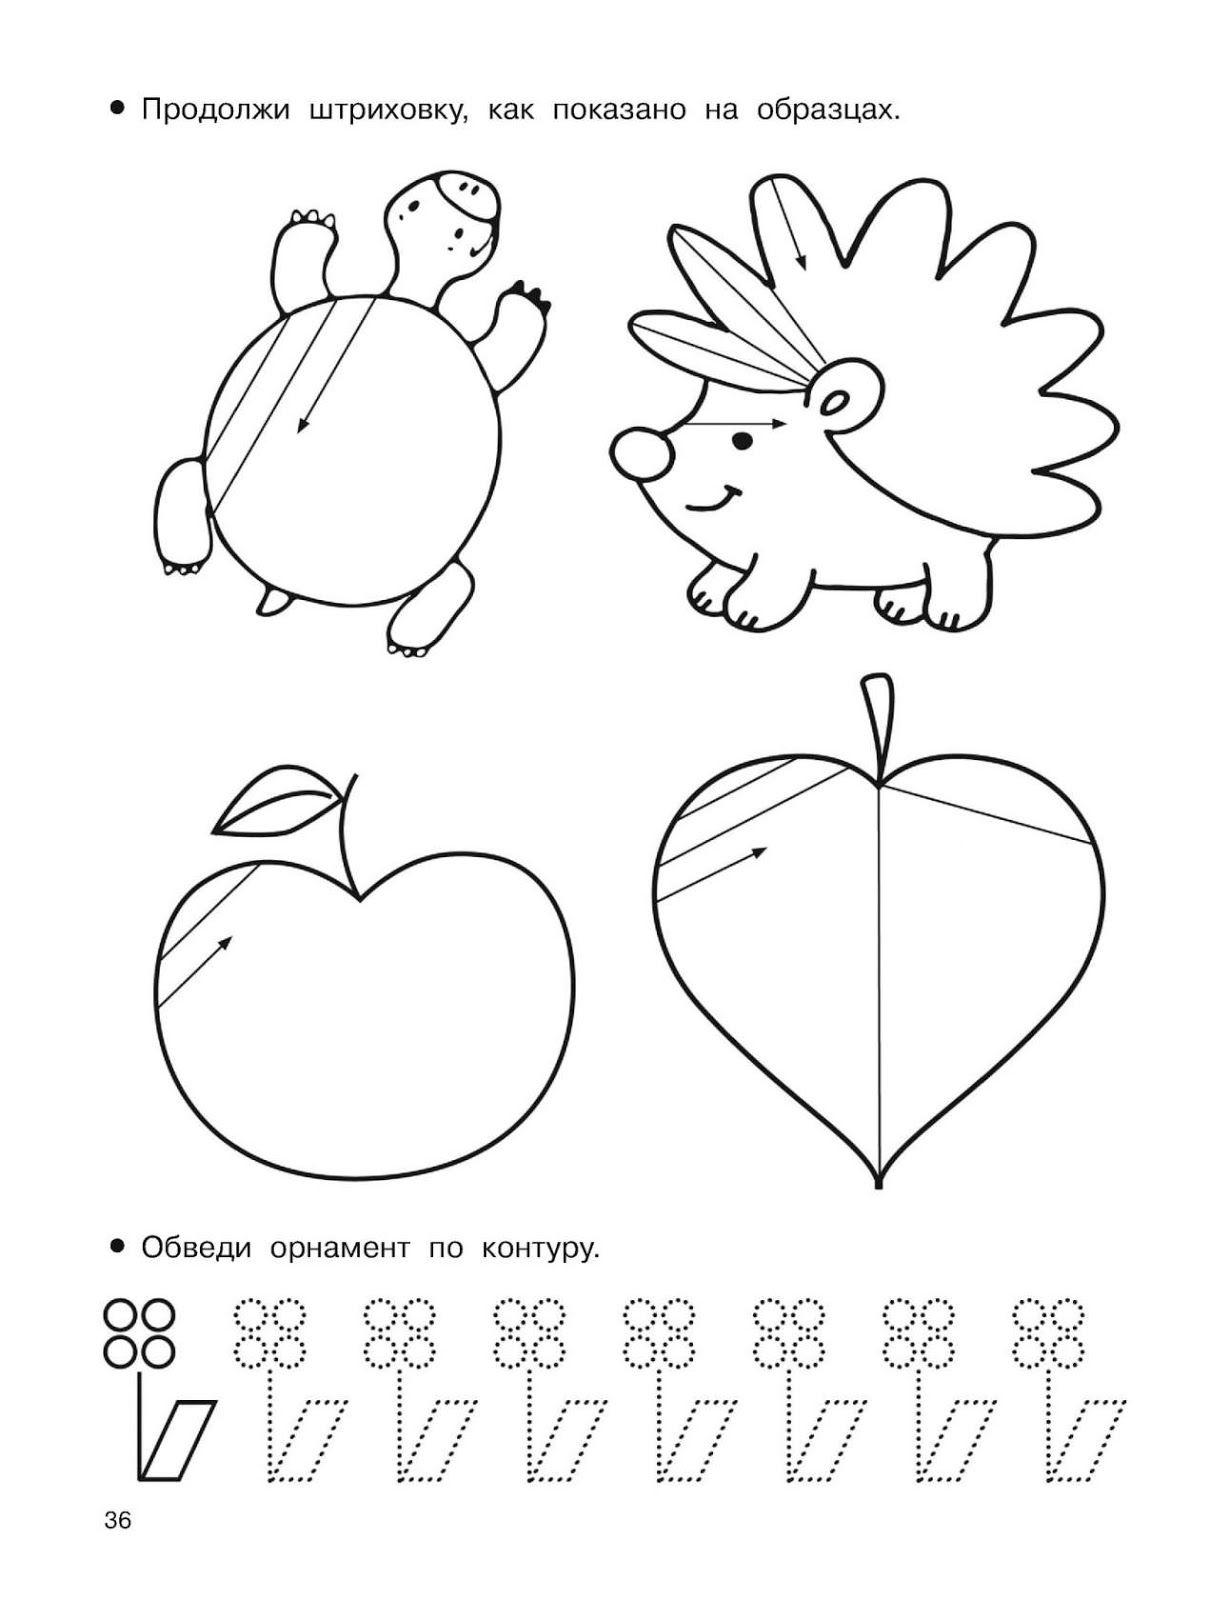 Worksheets For Kids Worksheets For Kindergarten